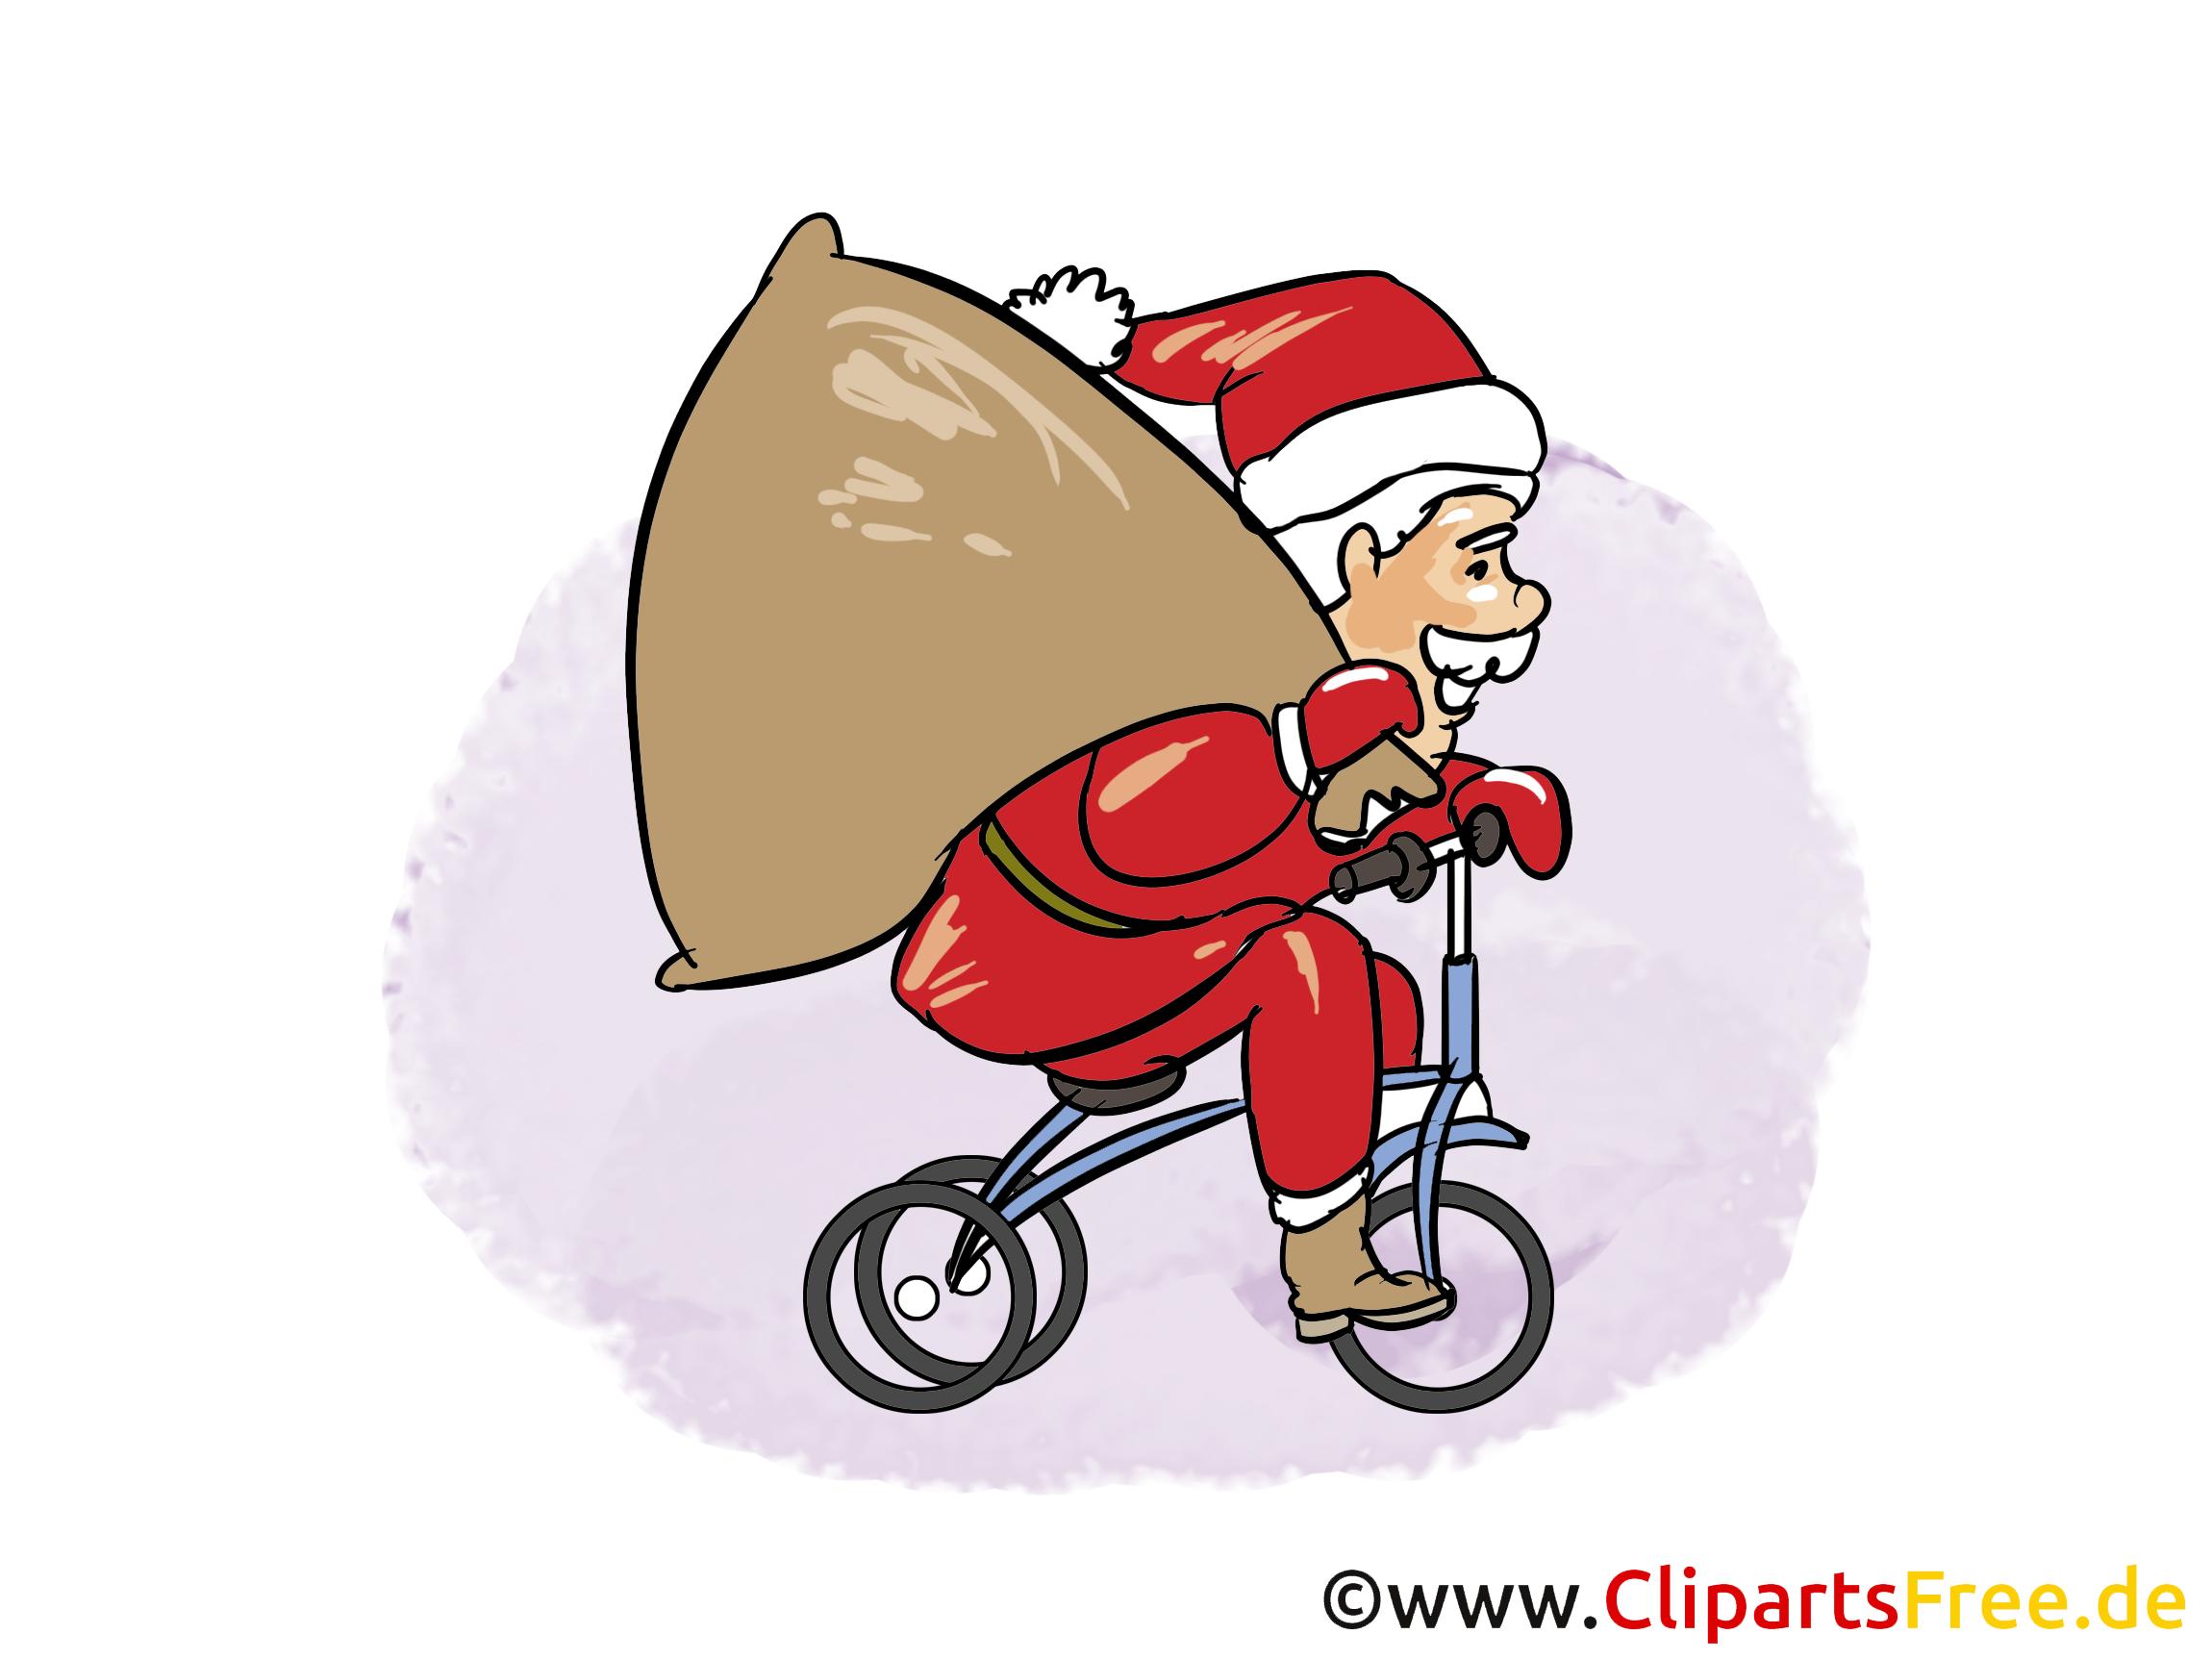 Kostenlose Bilder, Cartoon Zu Silvester, Neujahr, Weihnachten ganzes Cliparts Weihnachten Und Neujahr Kostenlos